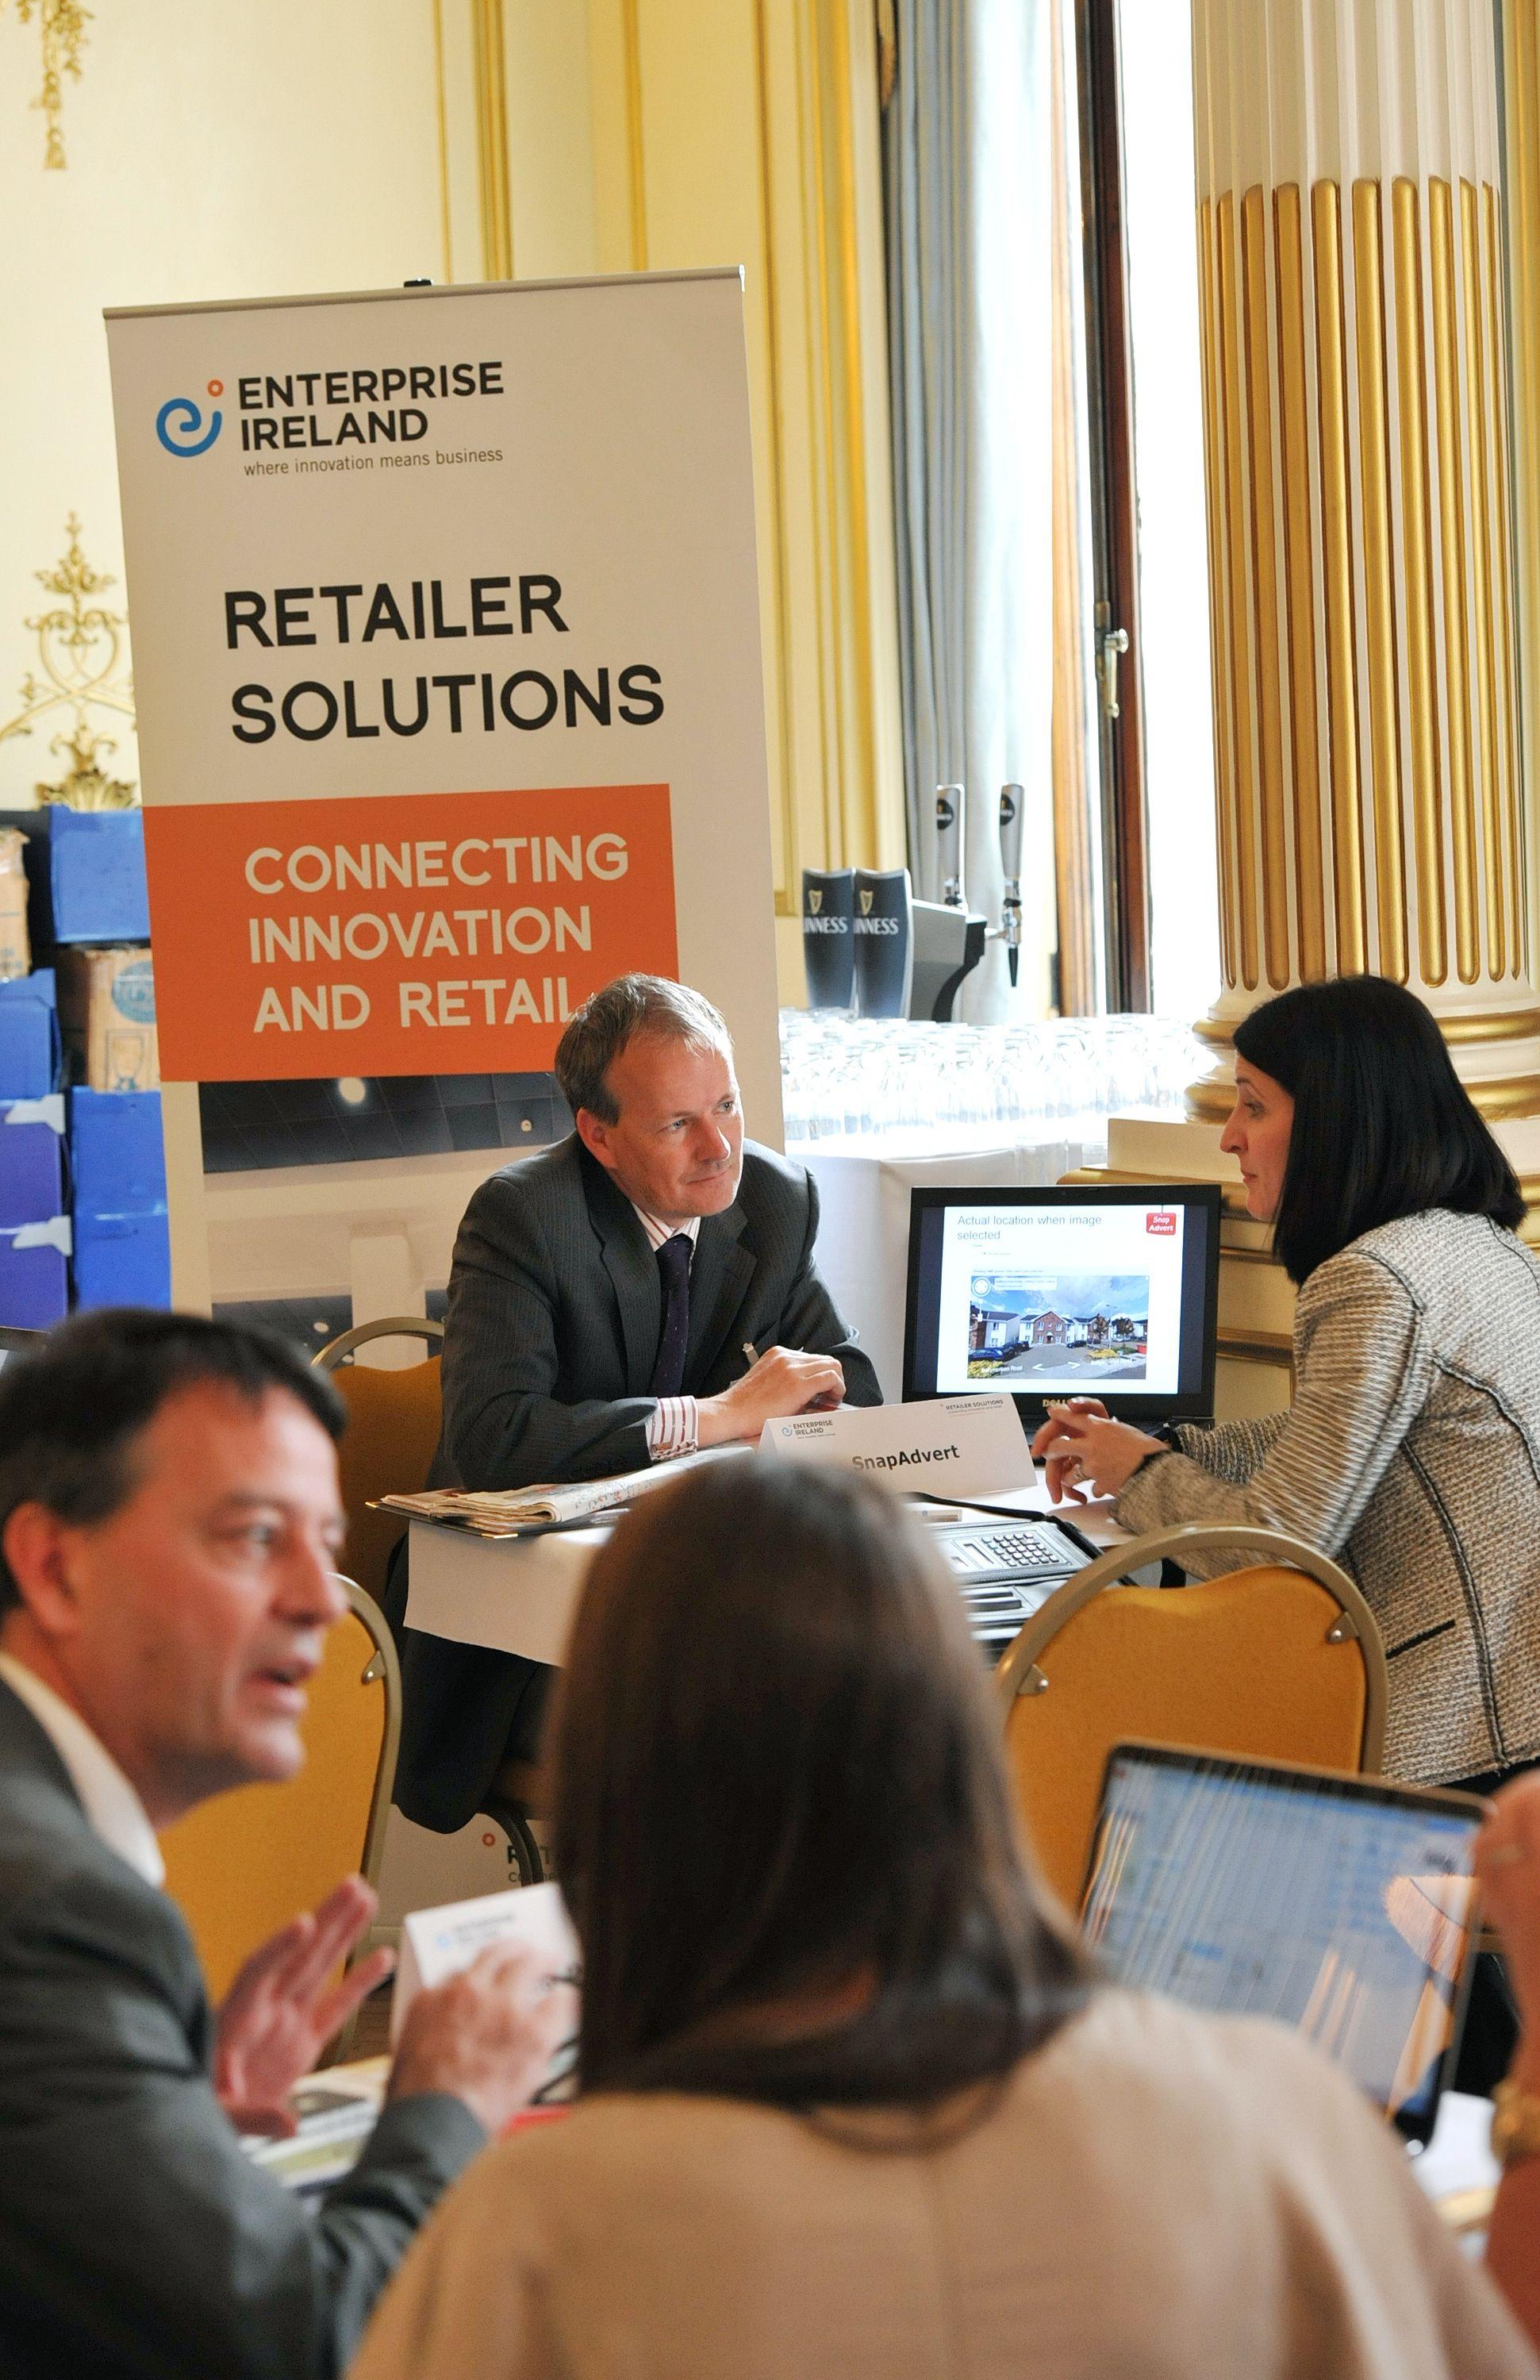 www.retailer-solutions.com